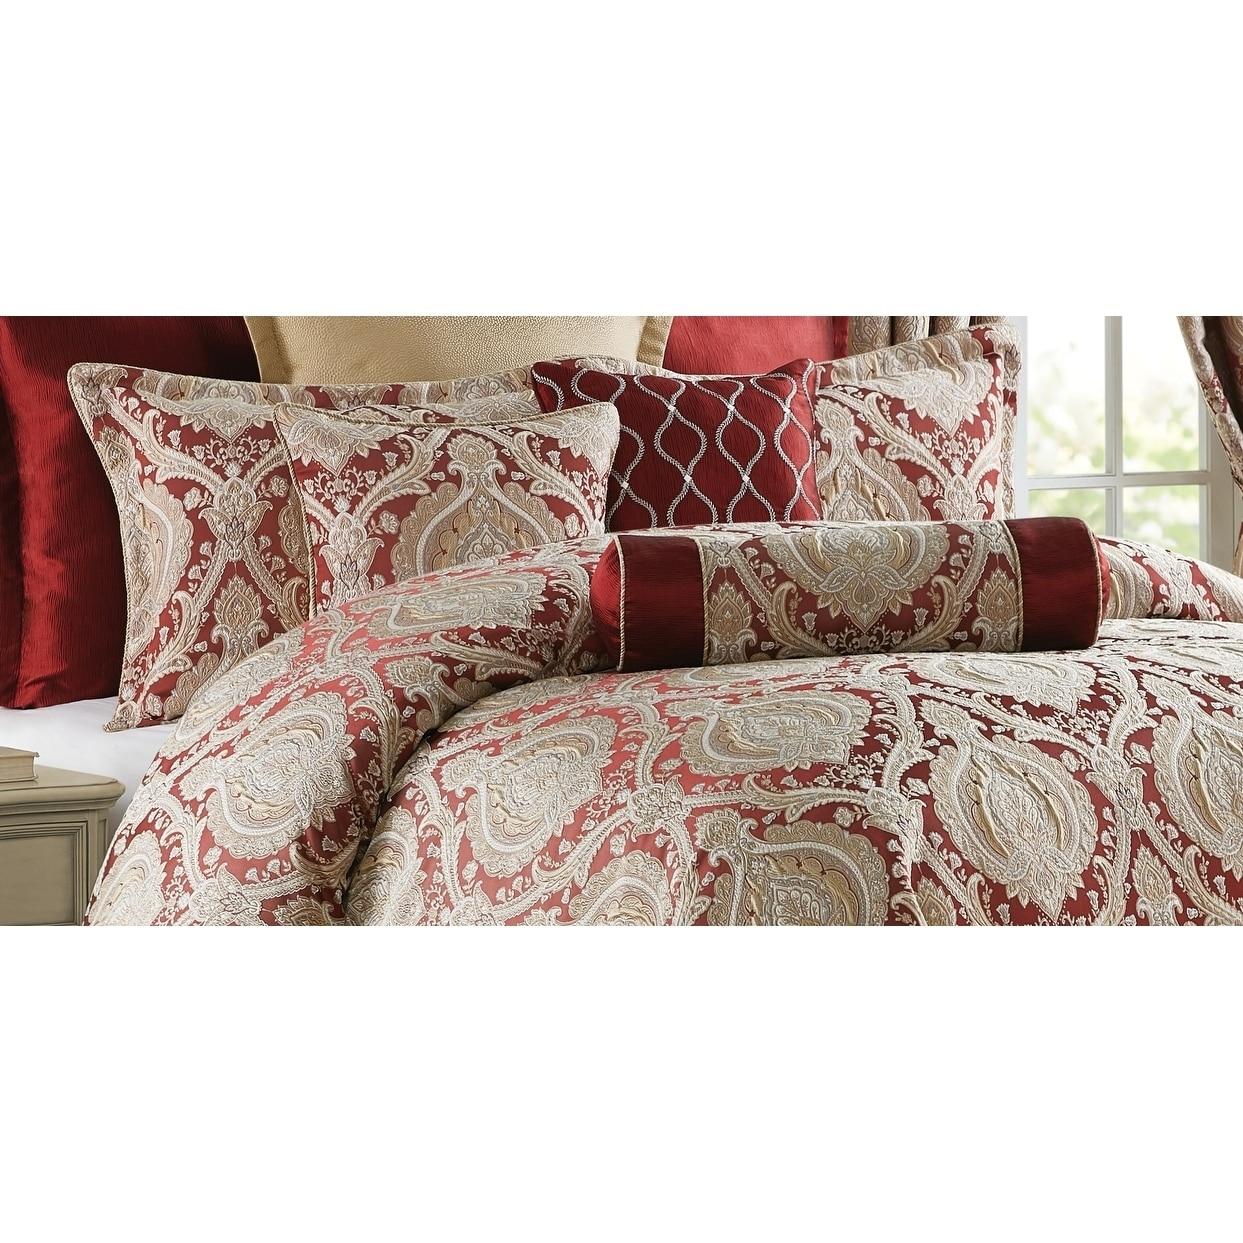 Shop Black Friday Deals On Norwich Wine Burgundy Damask Comforter Set Overstock 30076979